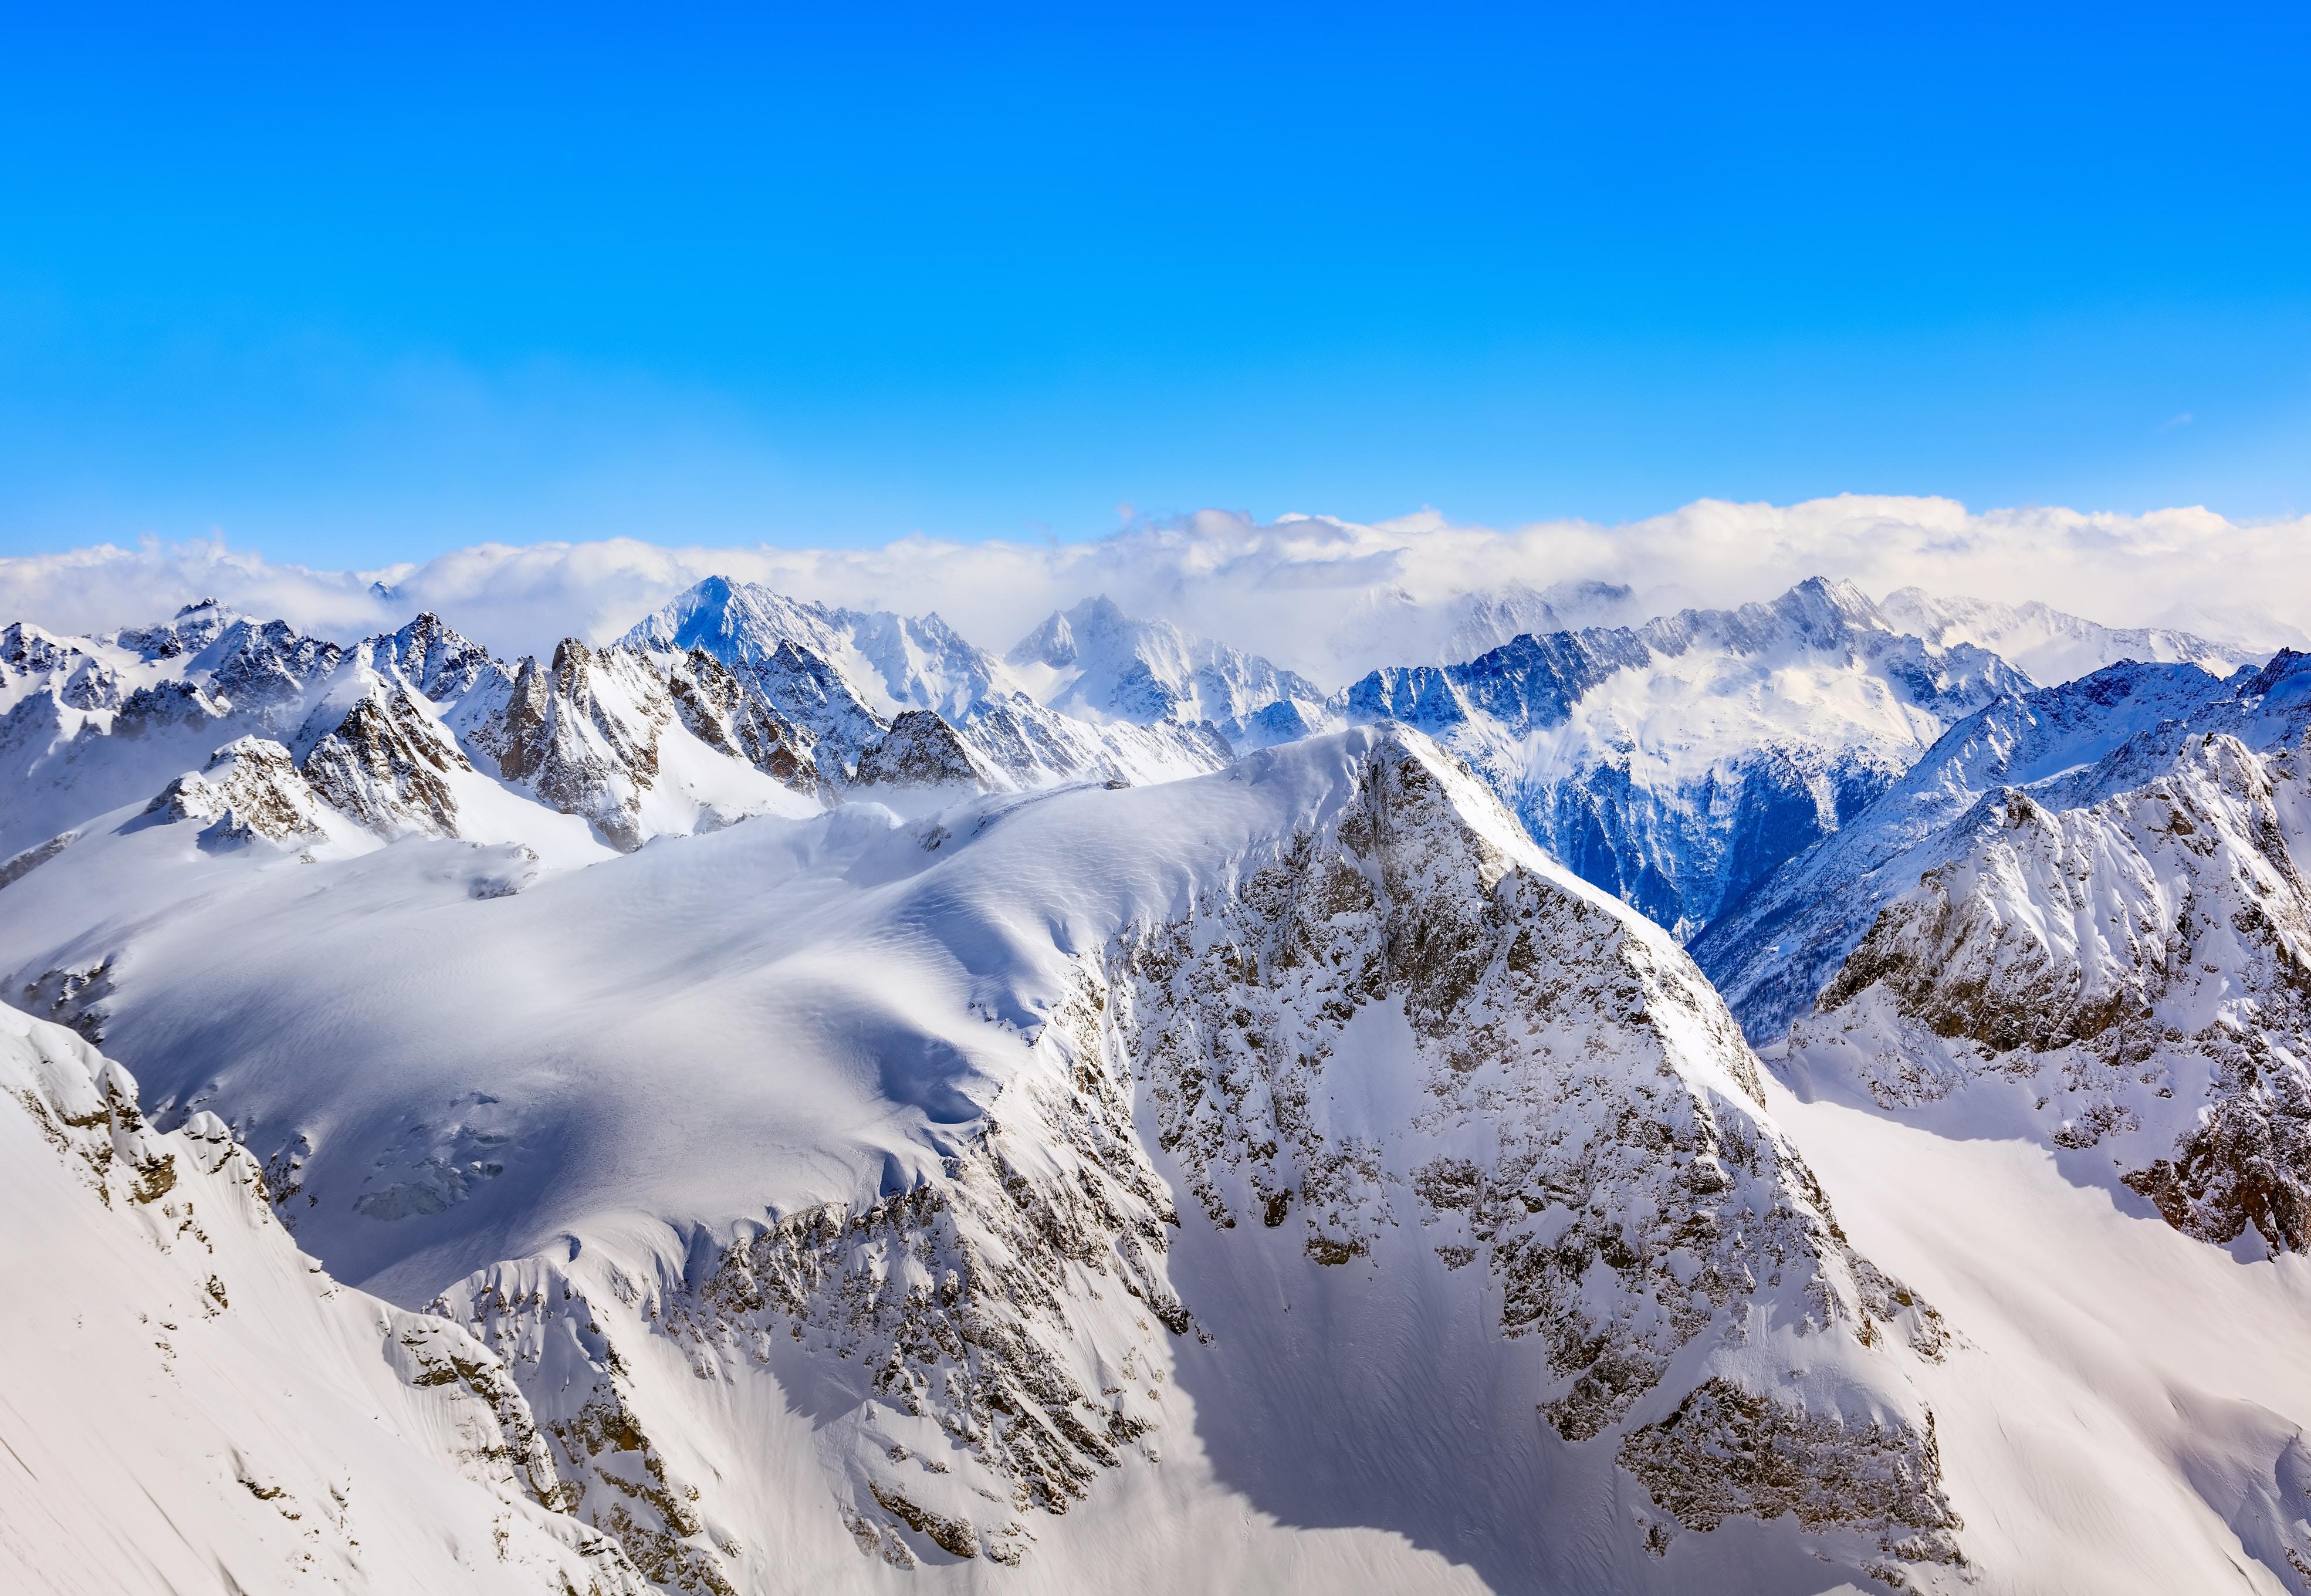 149489 скачать обои Зима, Горы, Природа, Вершины, Заснеженный - заставки и картинки бесплатно